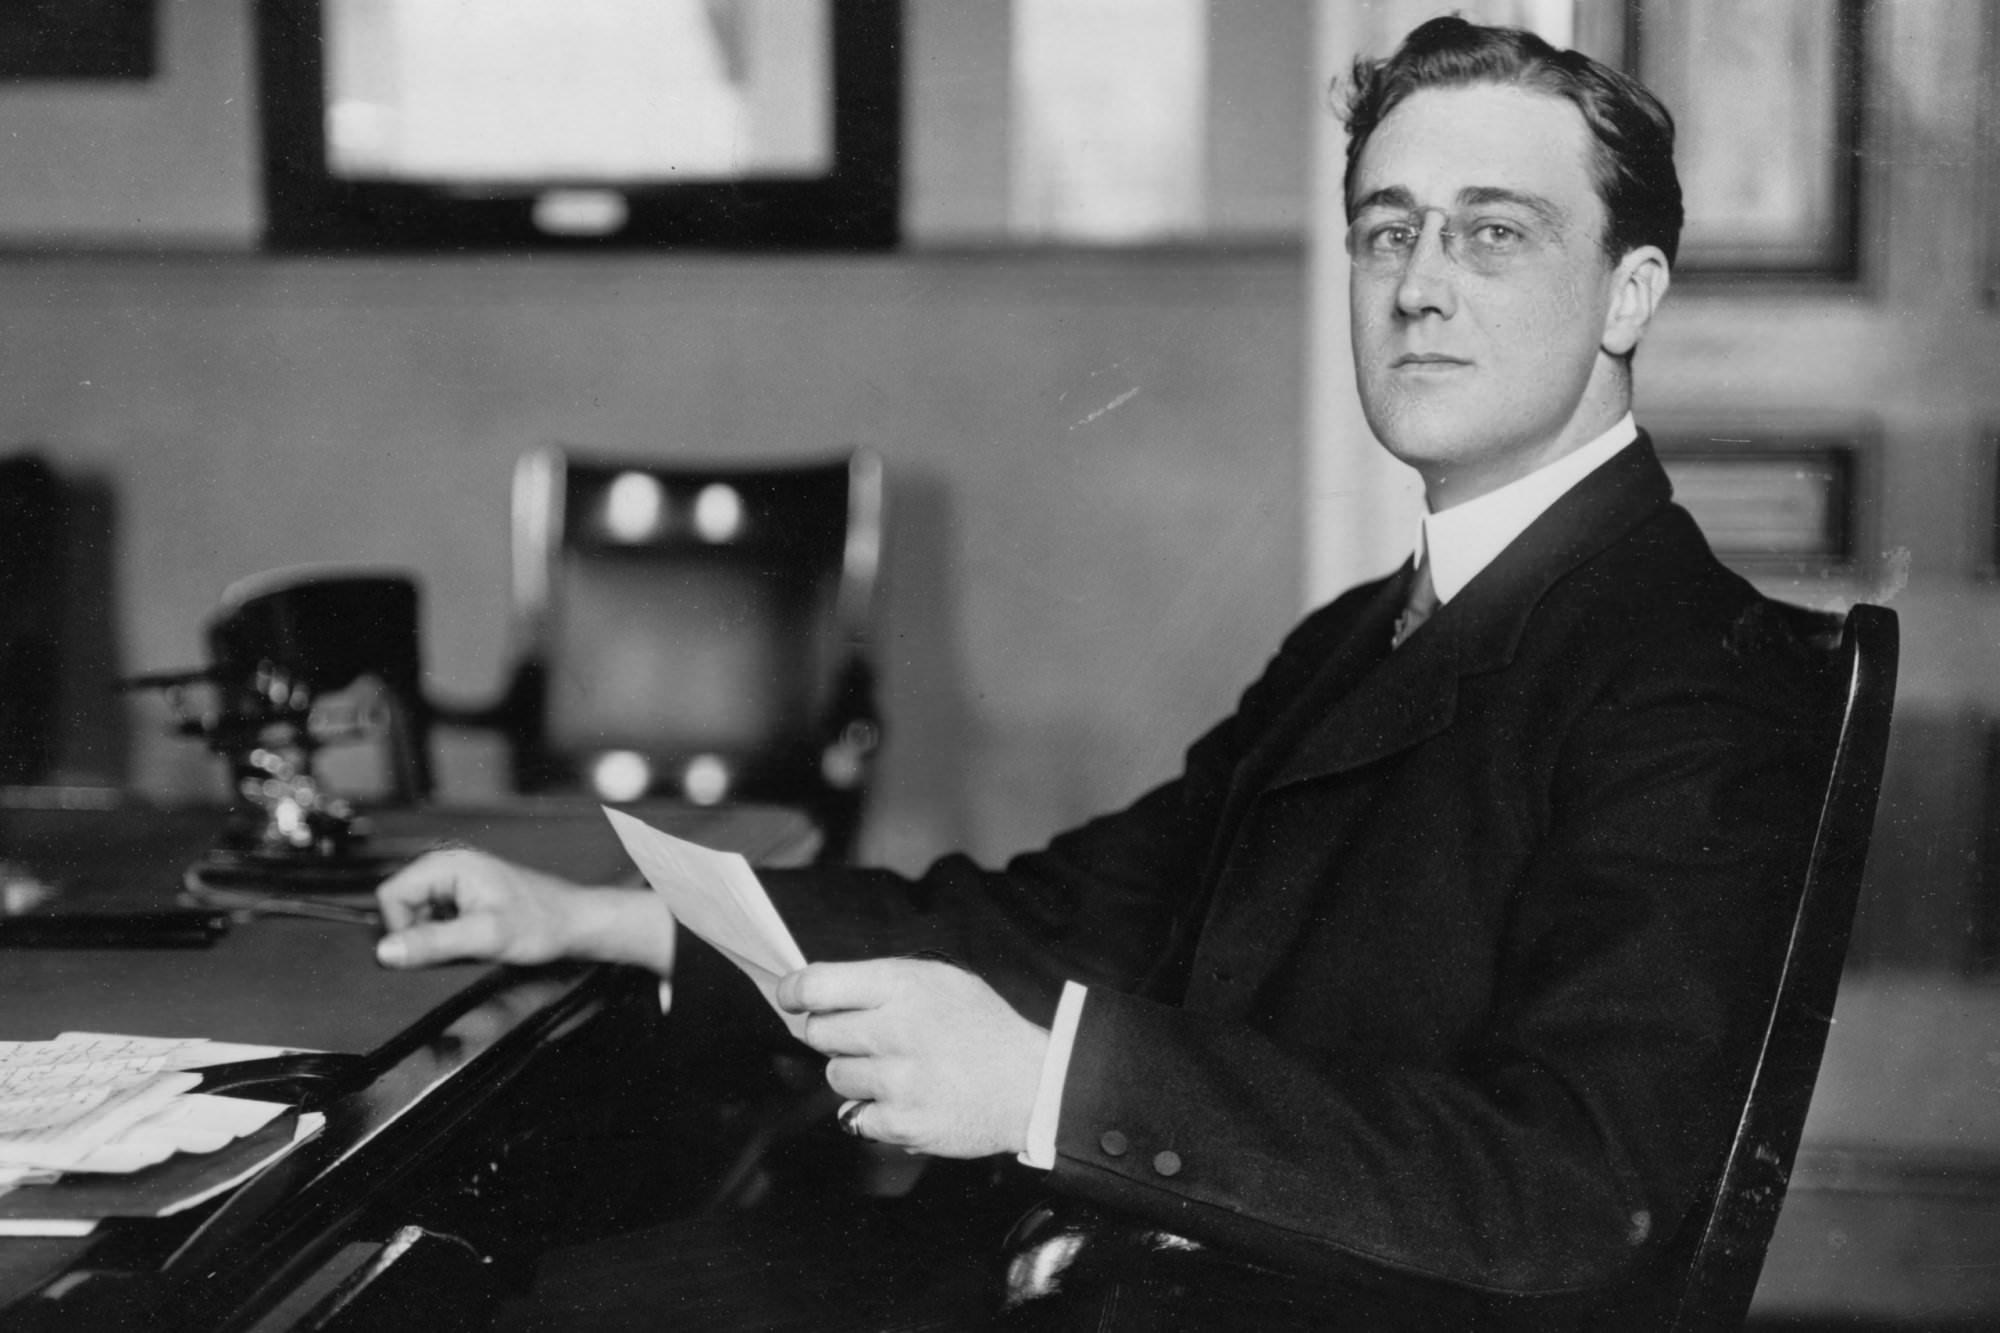 Mladi Roosevelt med študijem prava.